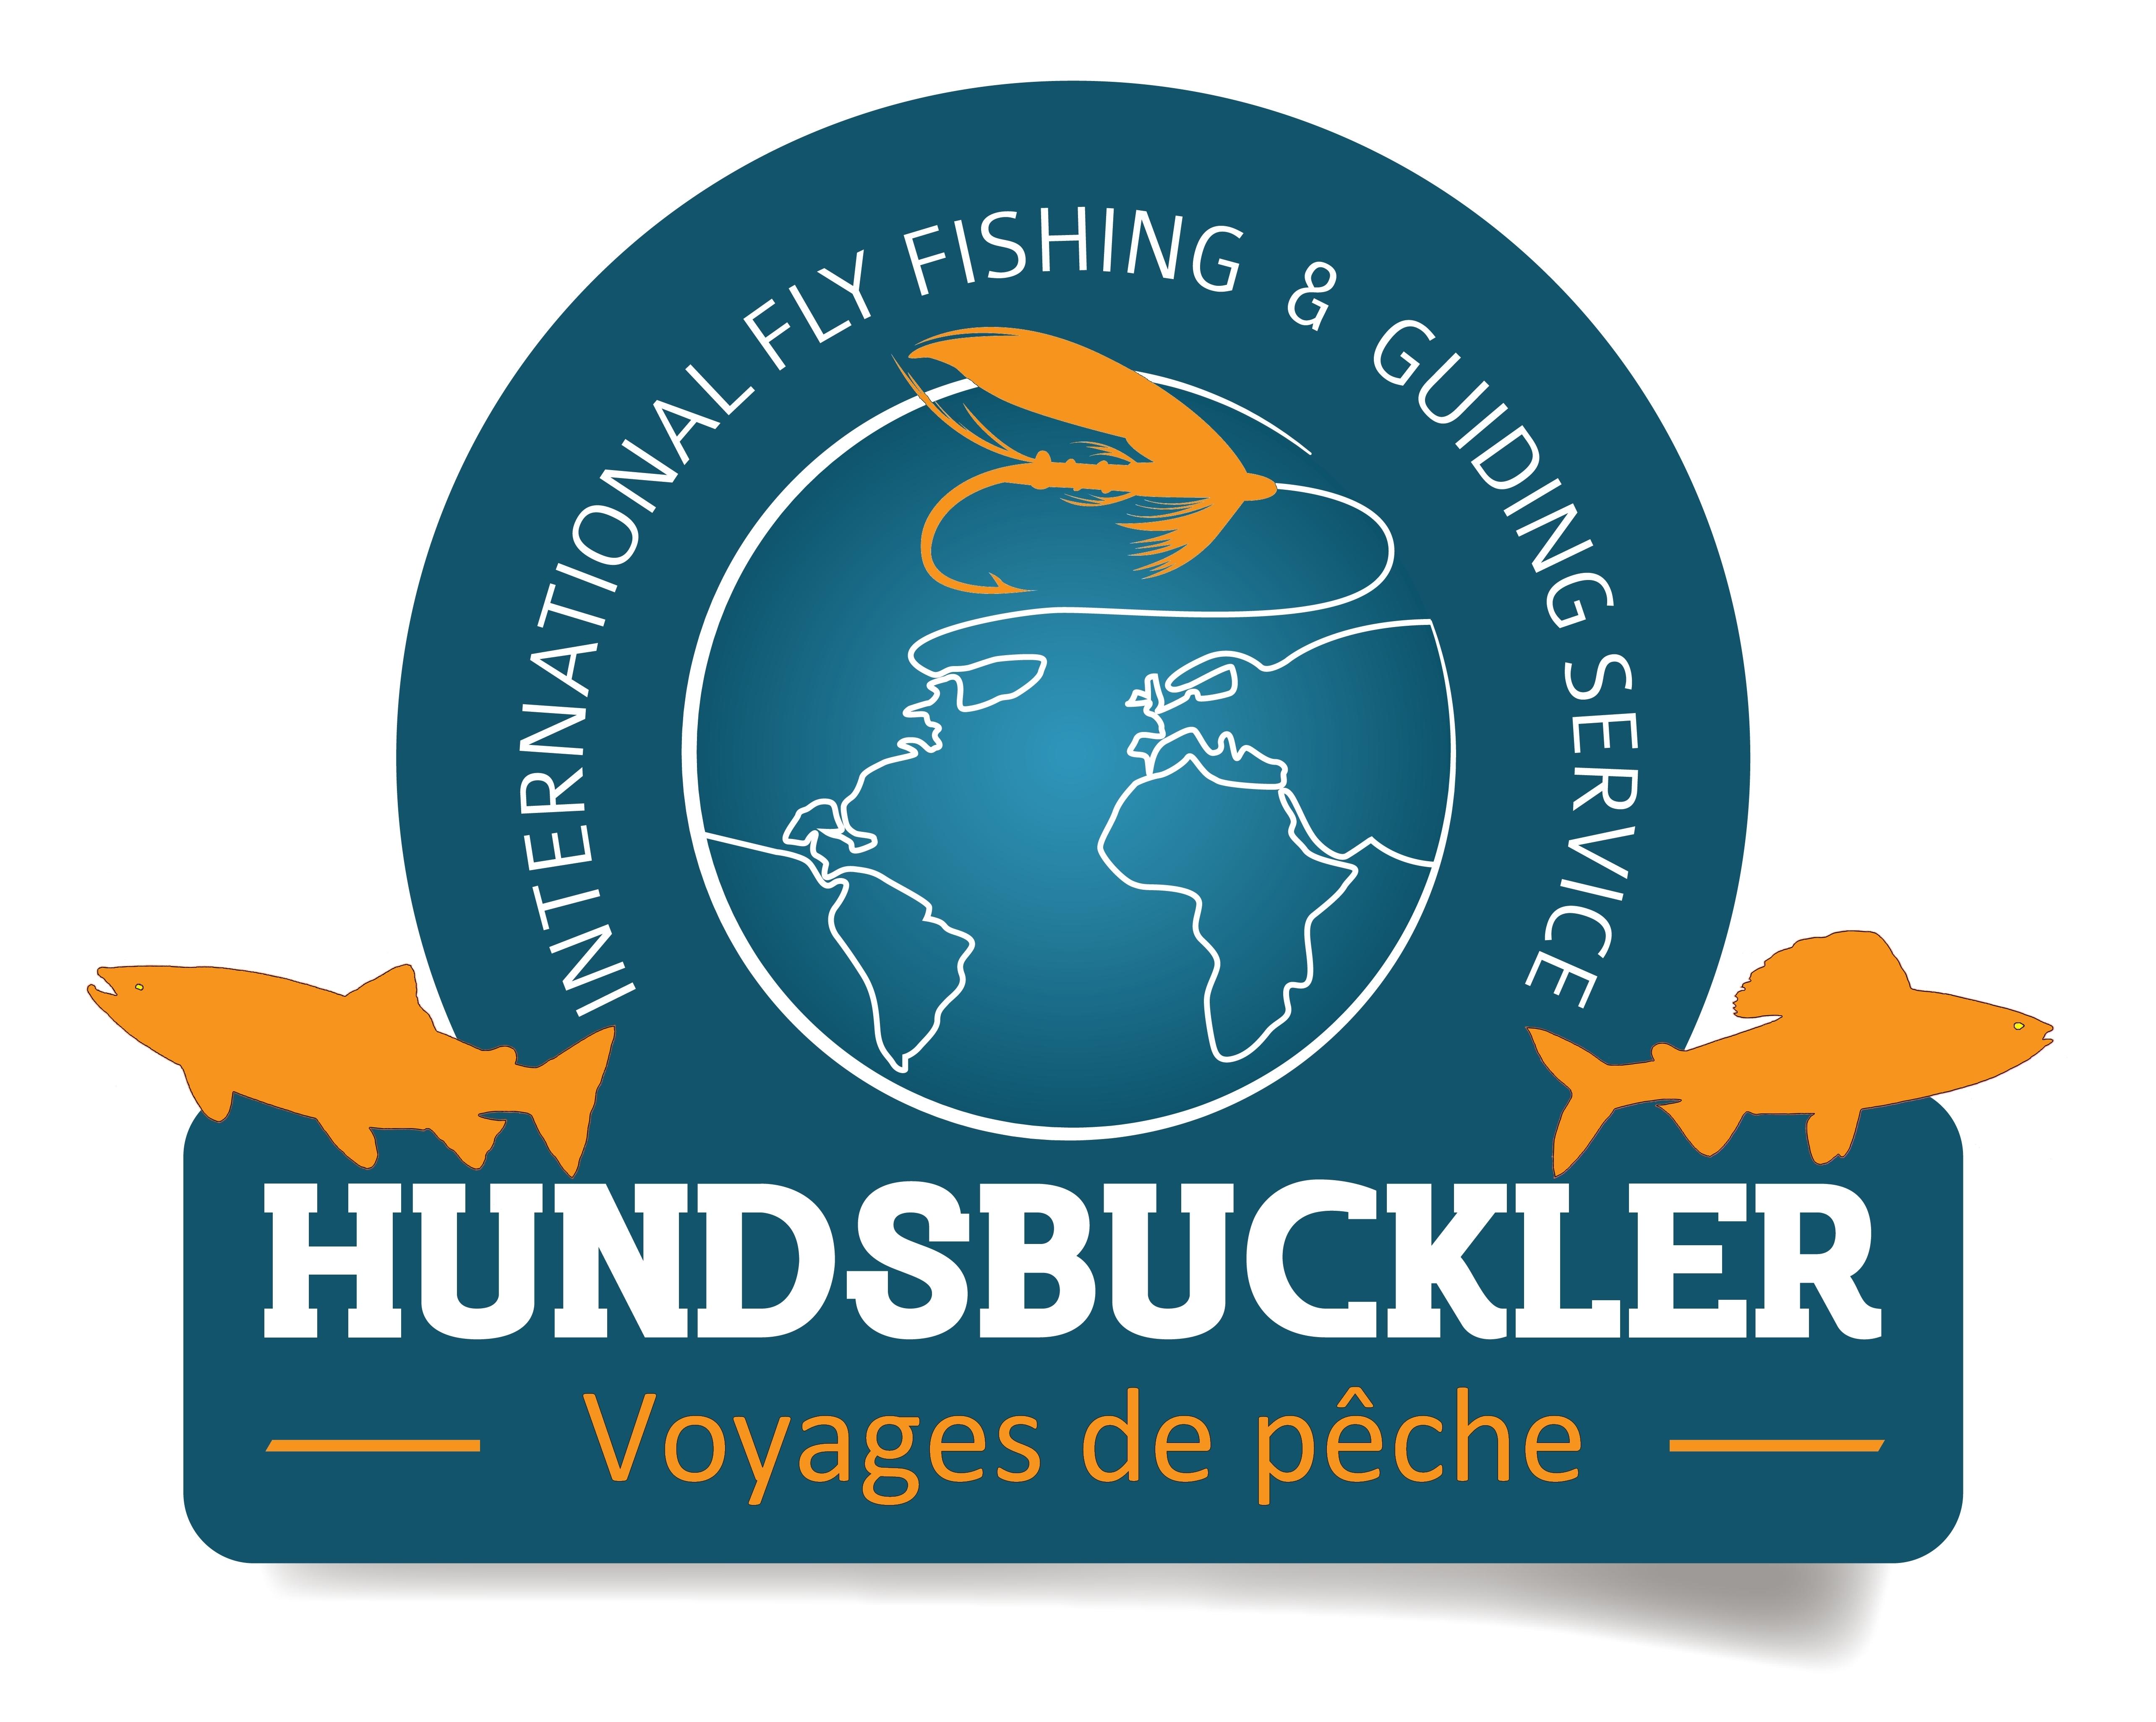 JF HUNDSBUCKLER